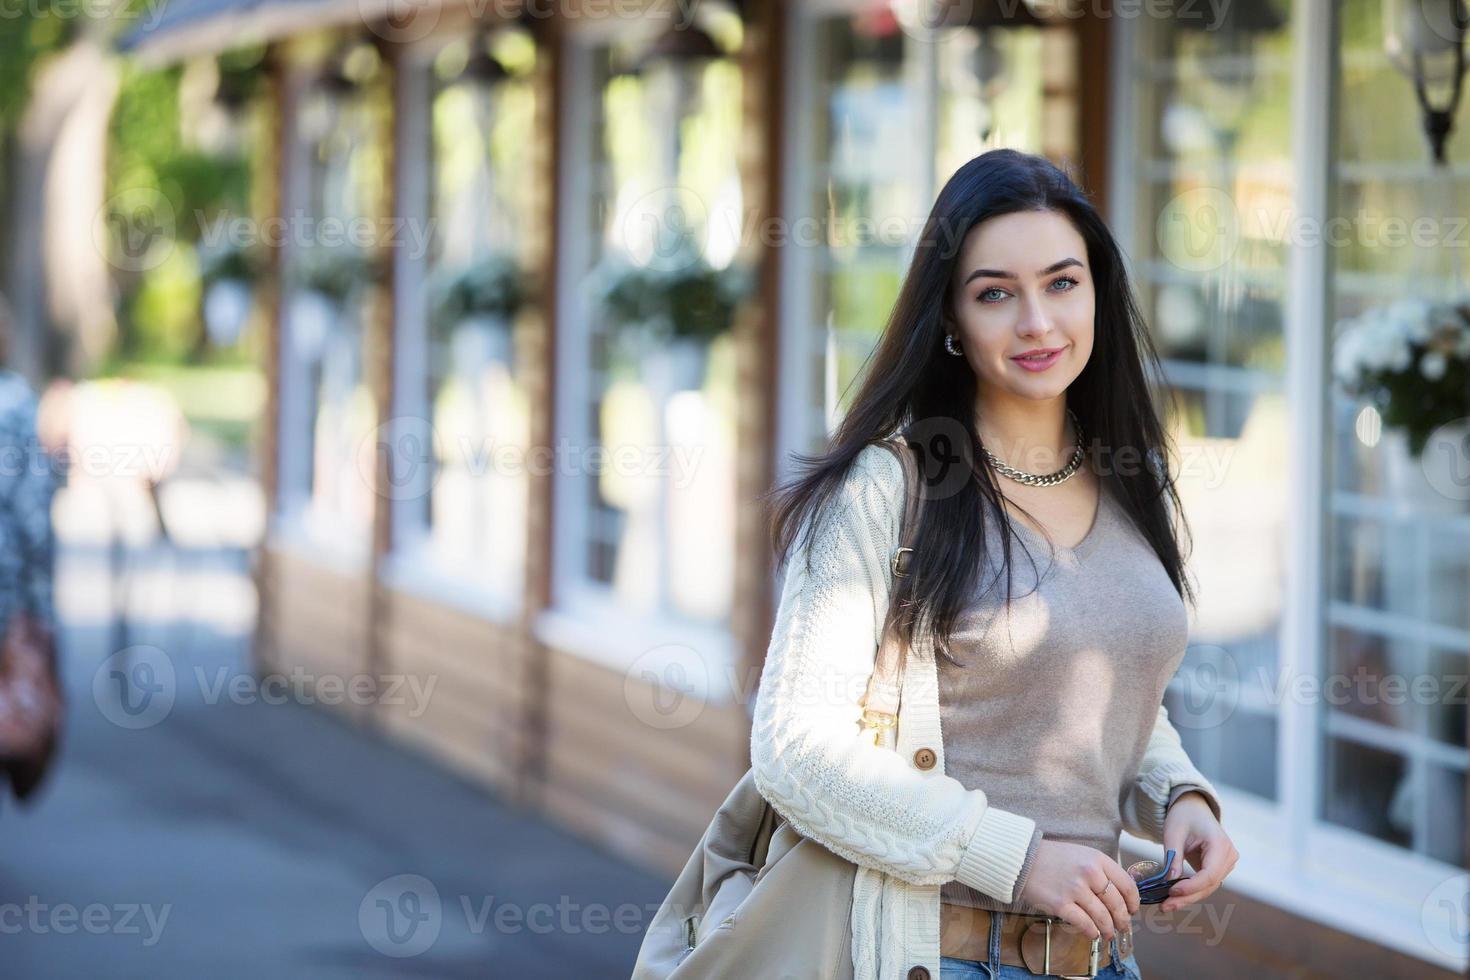 menina adolescente no parque foto